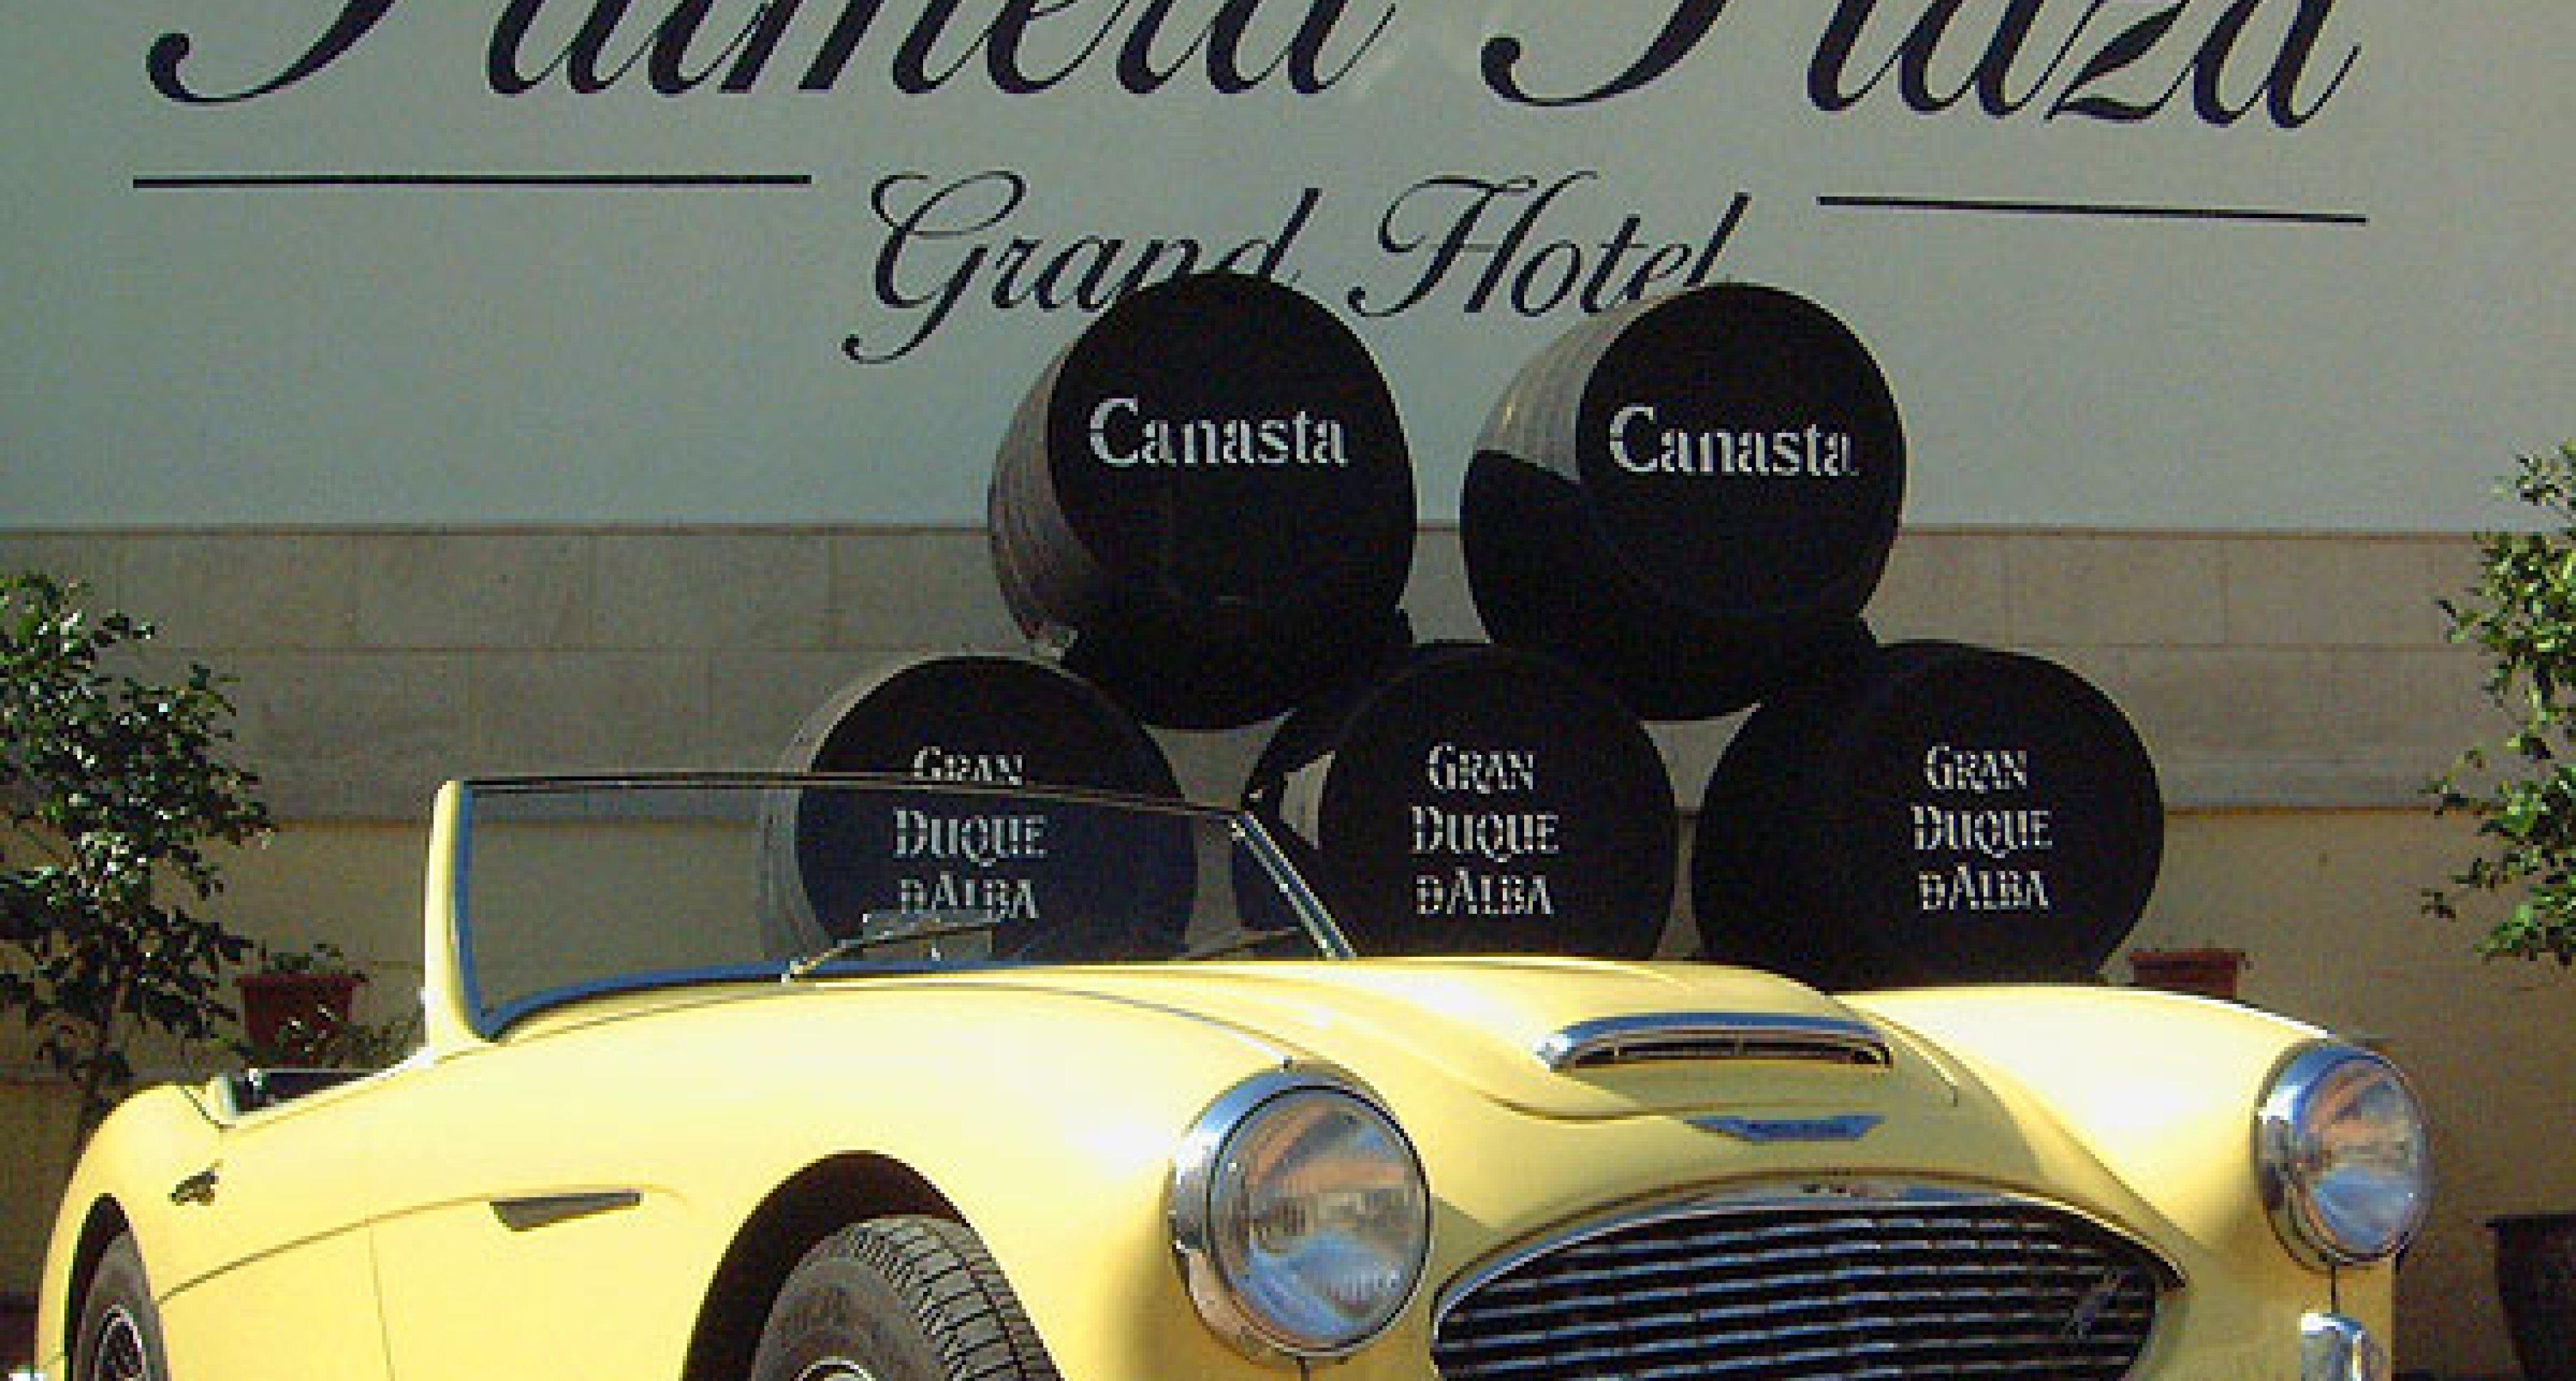 The Canasta Tour Clasico 2005